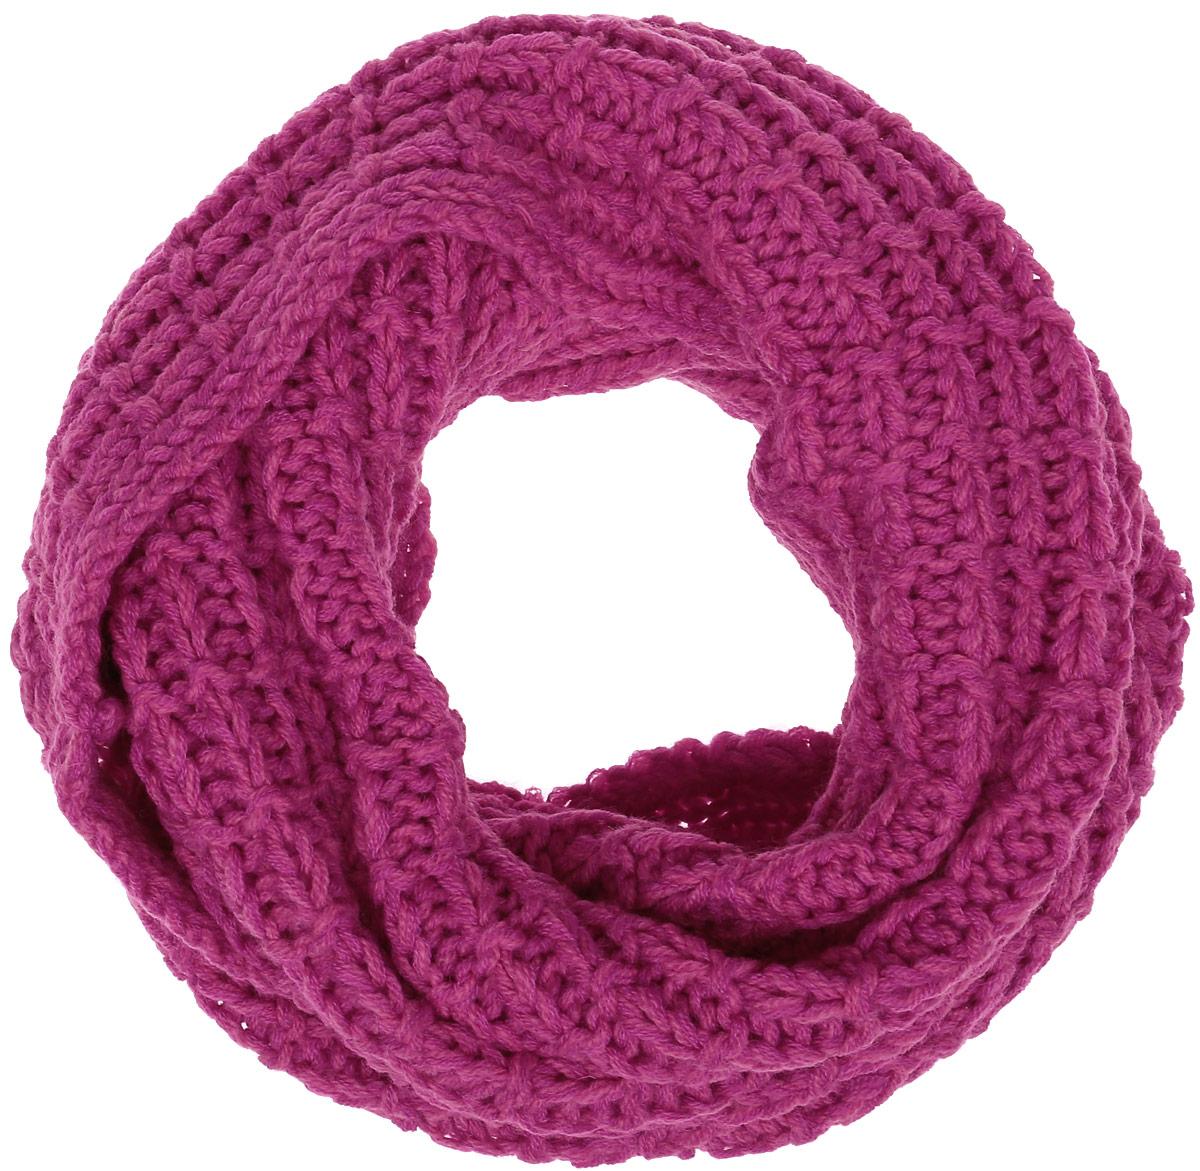 Снуд-хомут женский Baon, цвет: розовый. B330. Размер 125 см х 80 смB330_FLOKSЖенский вязаный снуд-хомут Baon выполнен из высококачественной пряжи из шерсти и акрила. Модель связана кольцом и имеет крупную свободную вязку